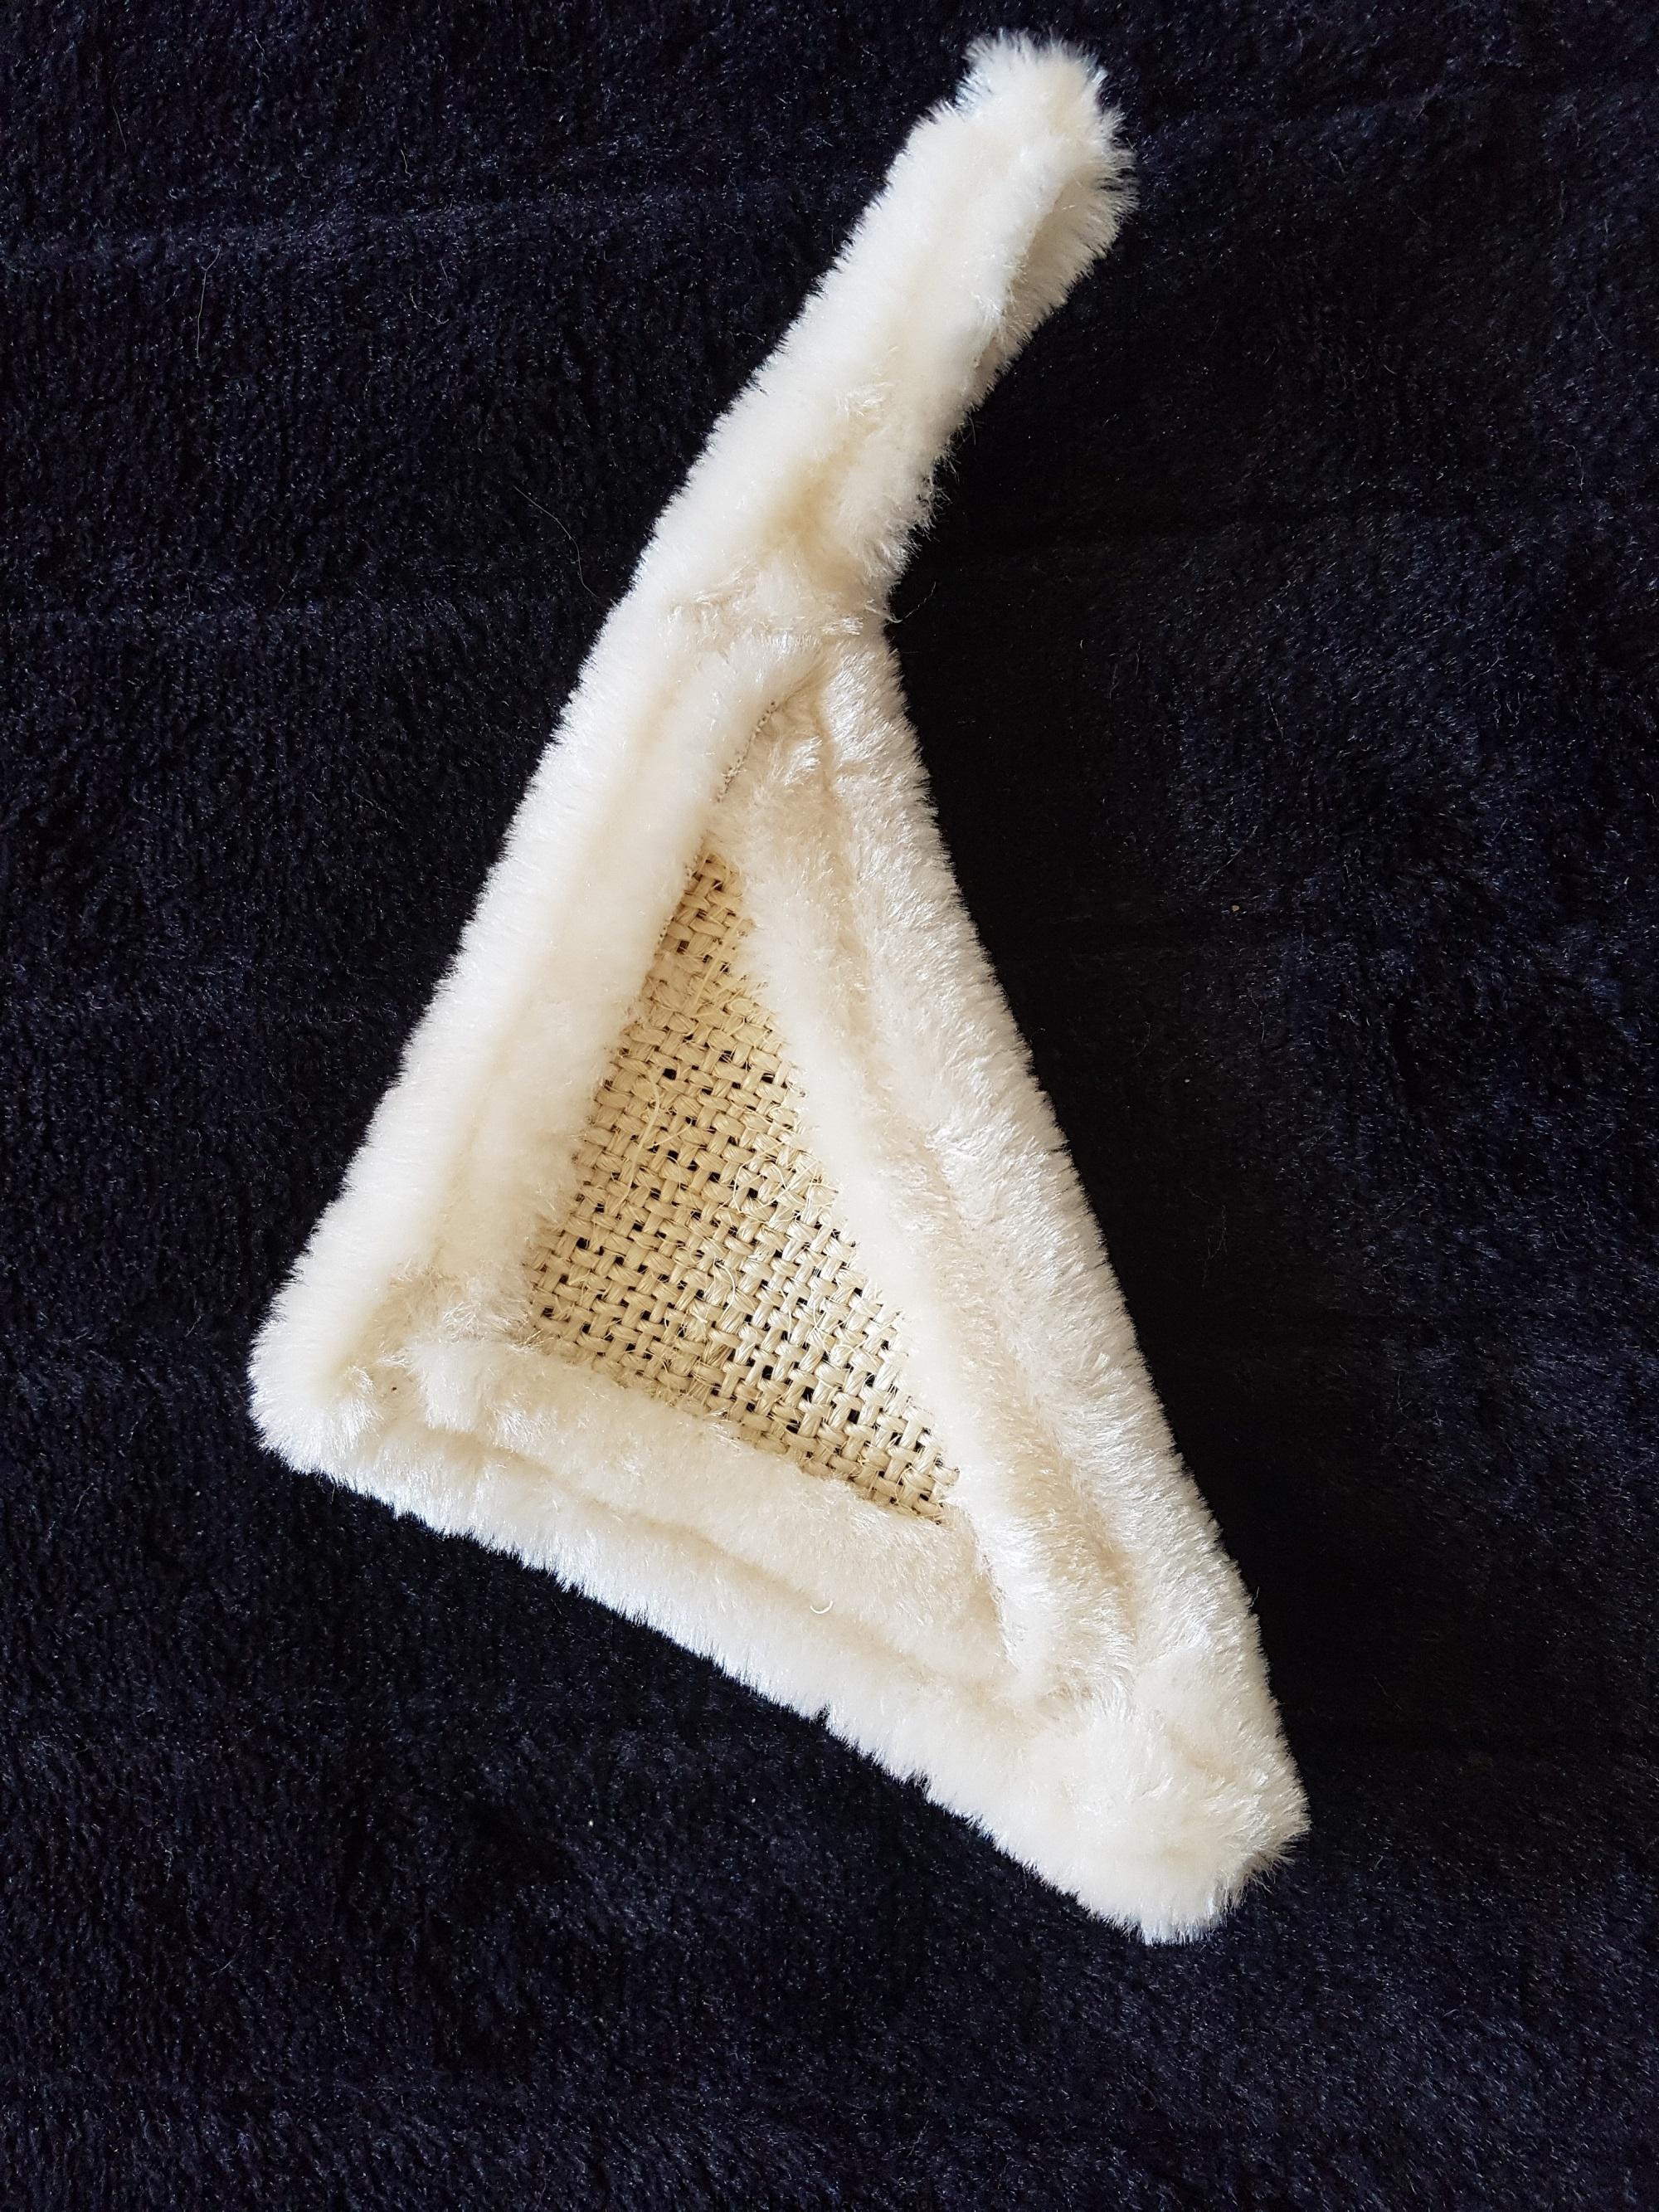 spielzeug f r katzen handgefertigt spielzeug aus sisal. Black Bedroom Furniture Sets. Home Design Ideas